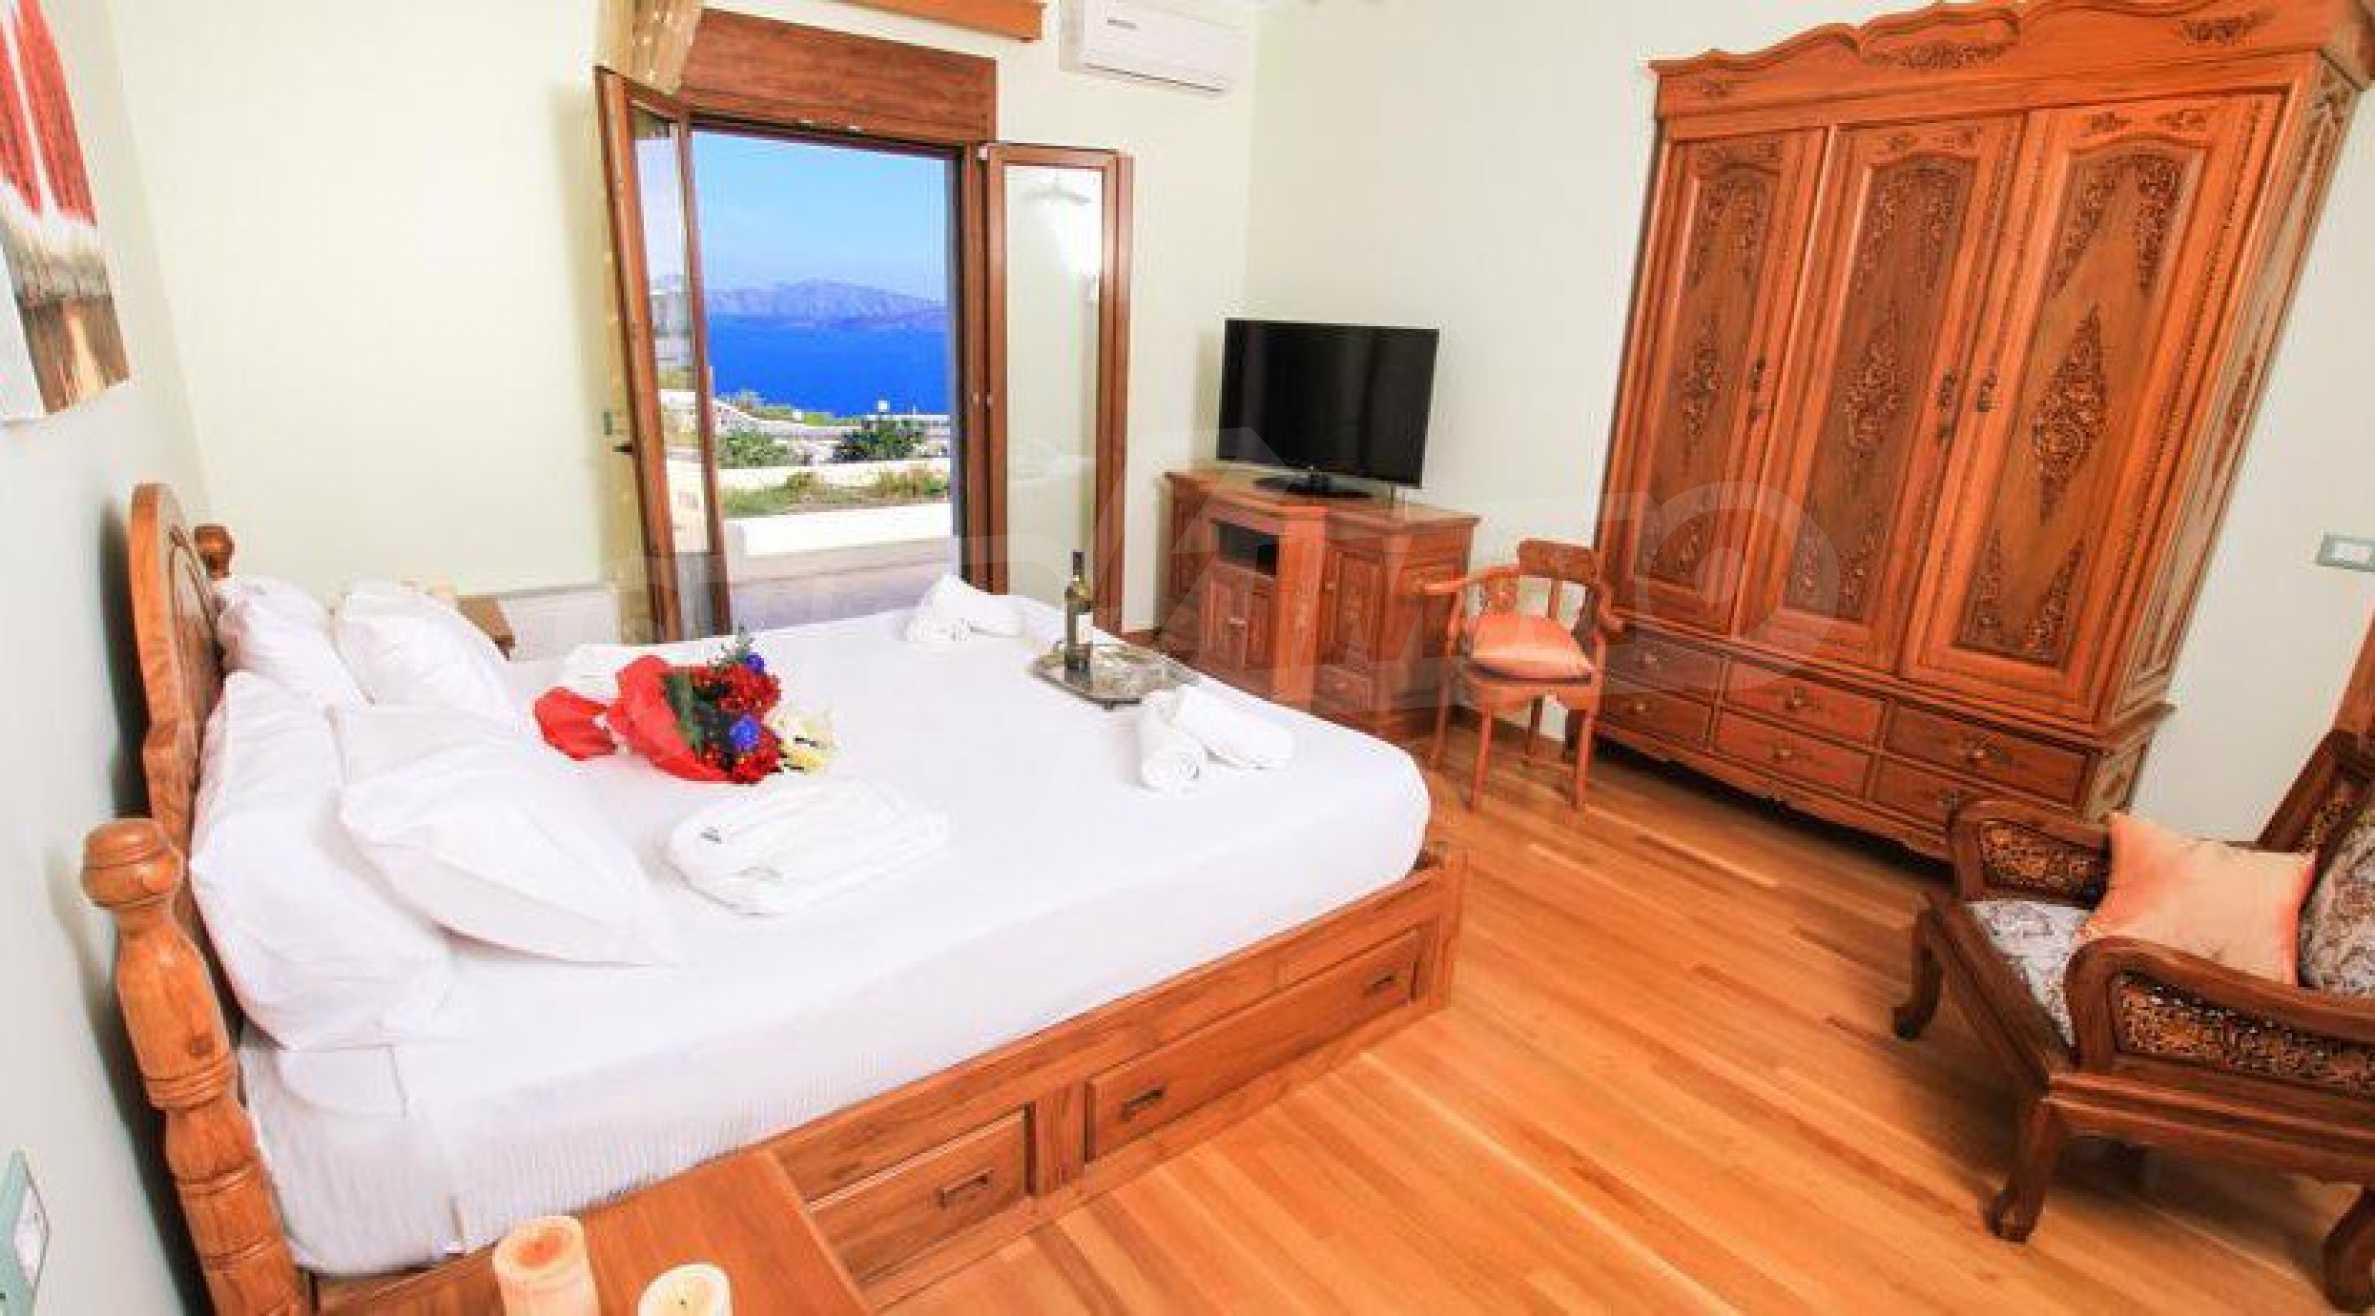 Двуетажна резиденция с открит басейн и изглед към Егейско 11